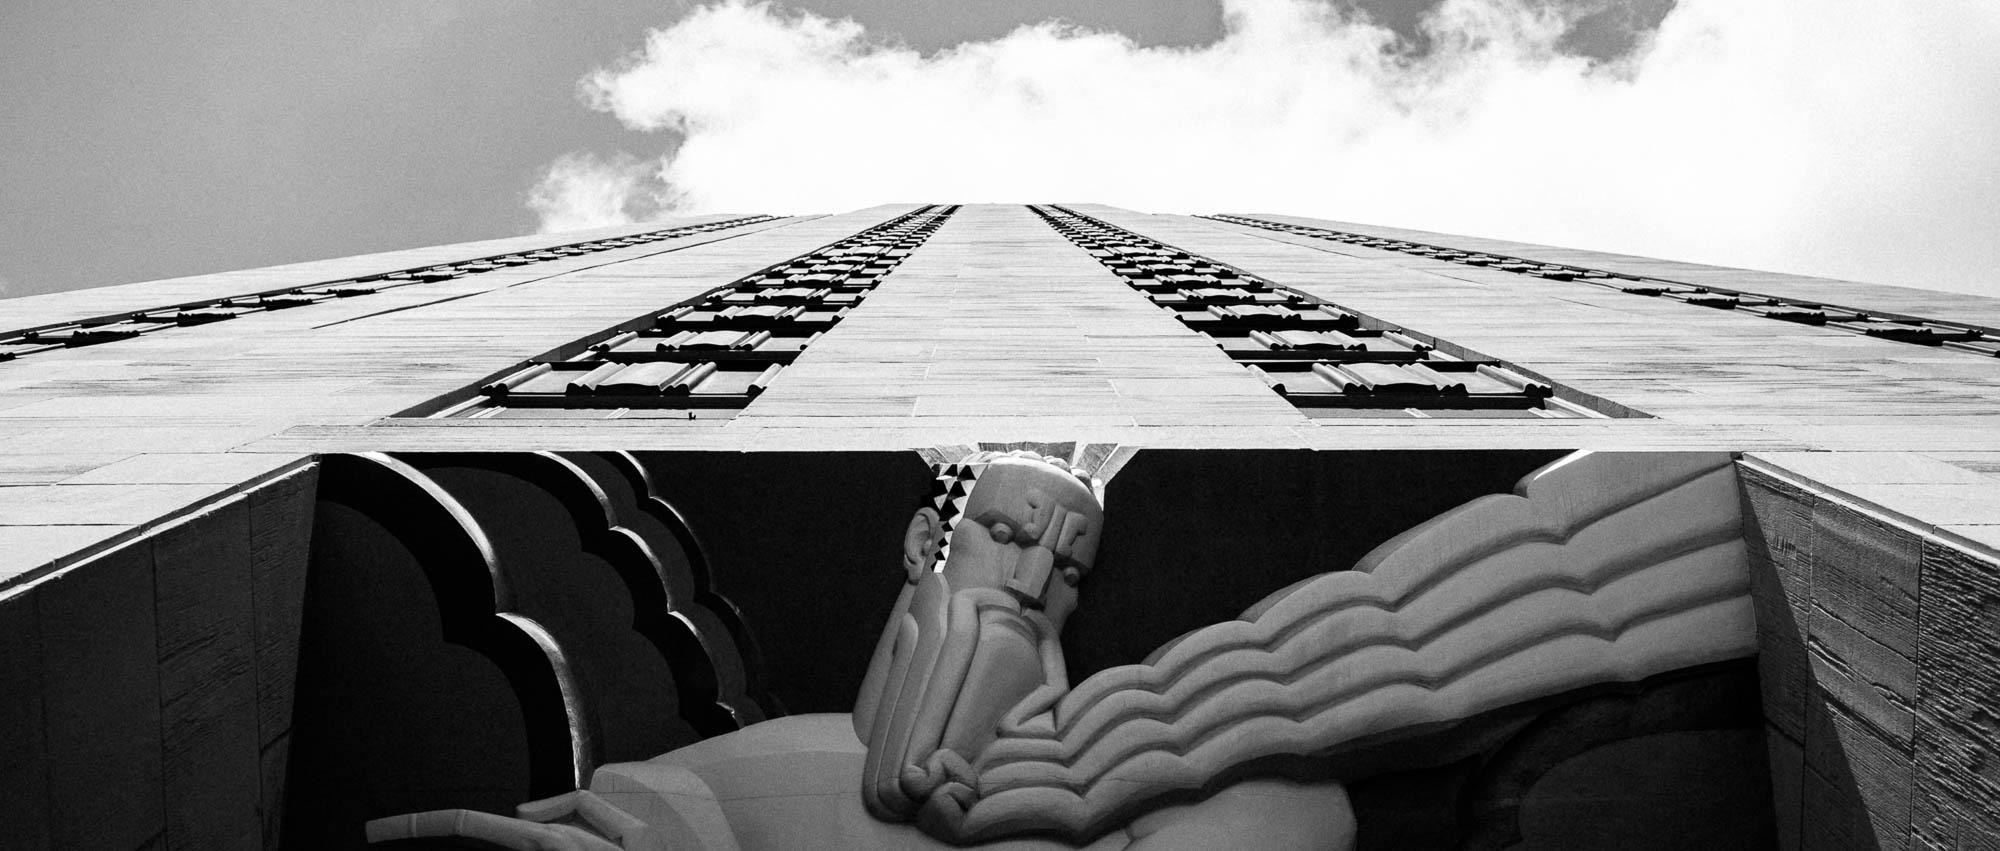 reise bericht new york gotham rockefeller building von unten mit herkules